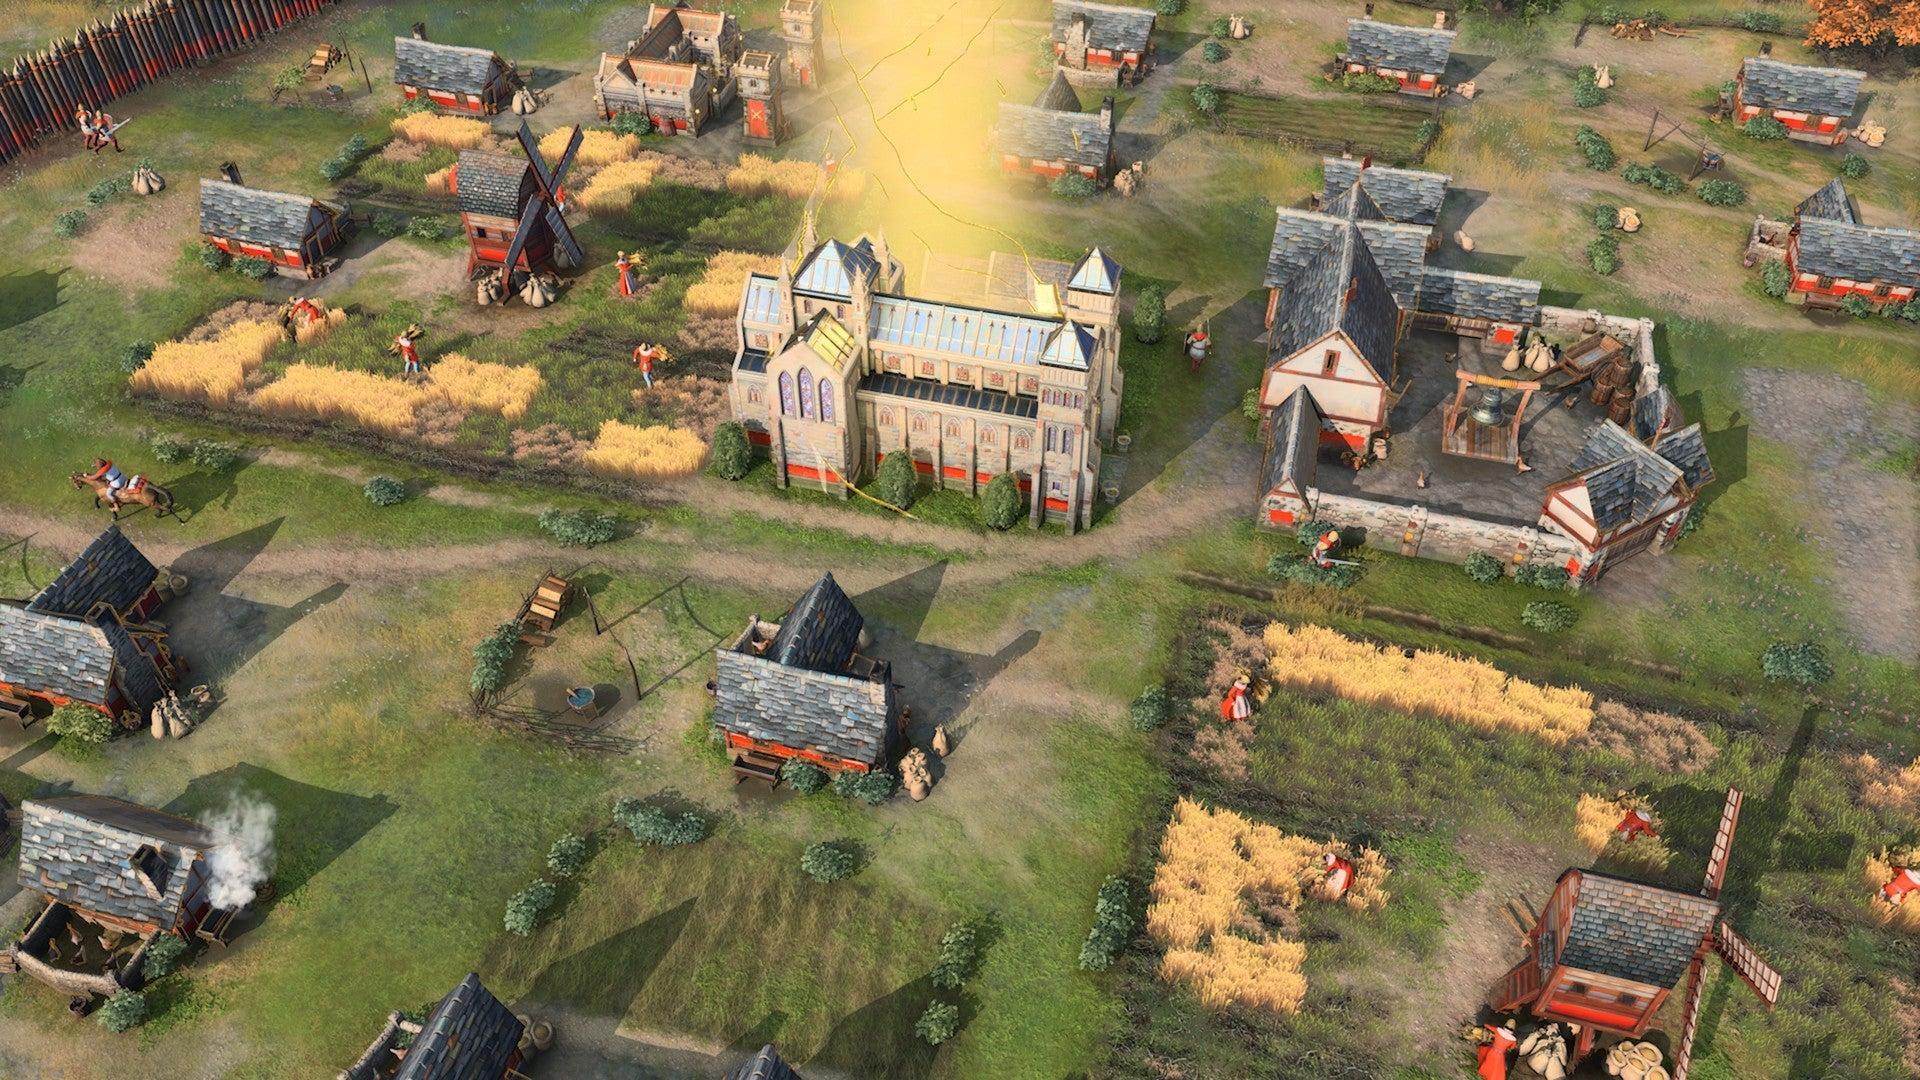 世紀帝國4 Age of Empires IV